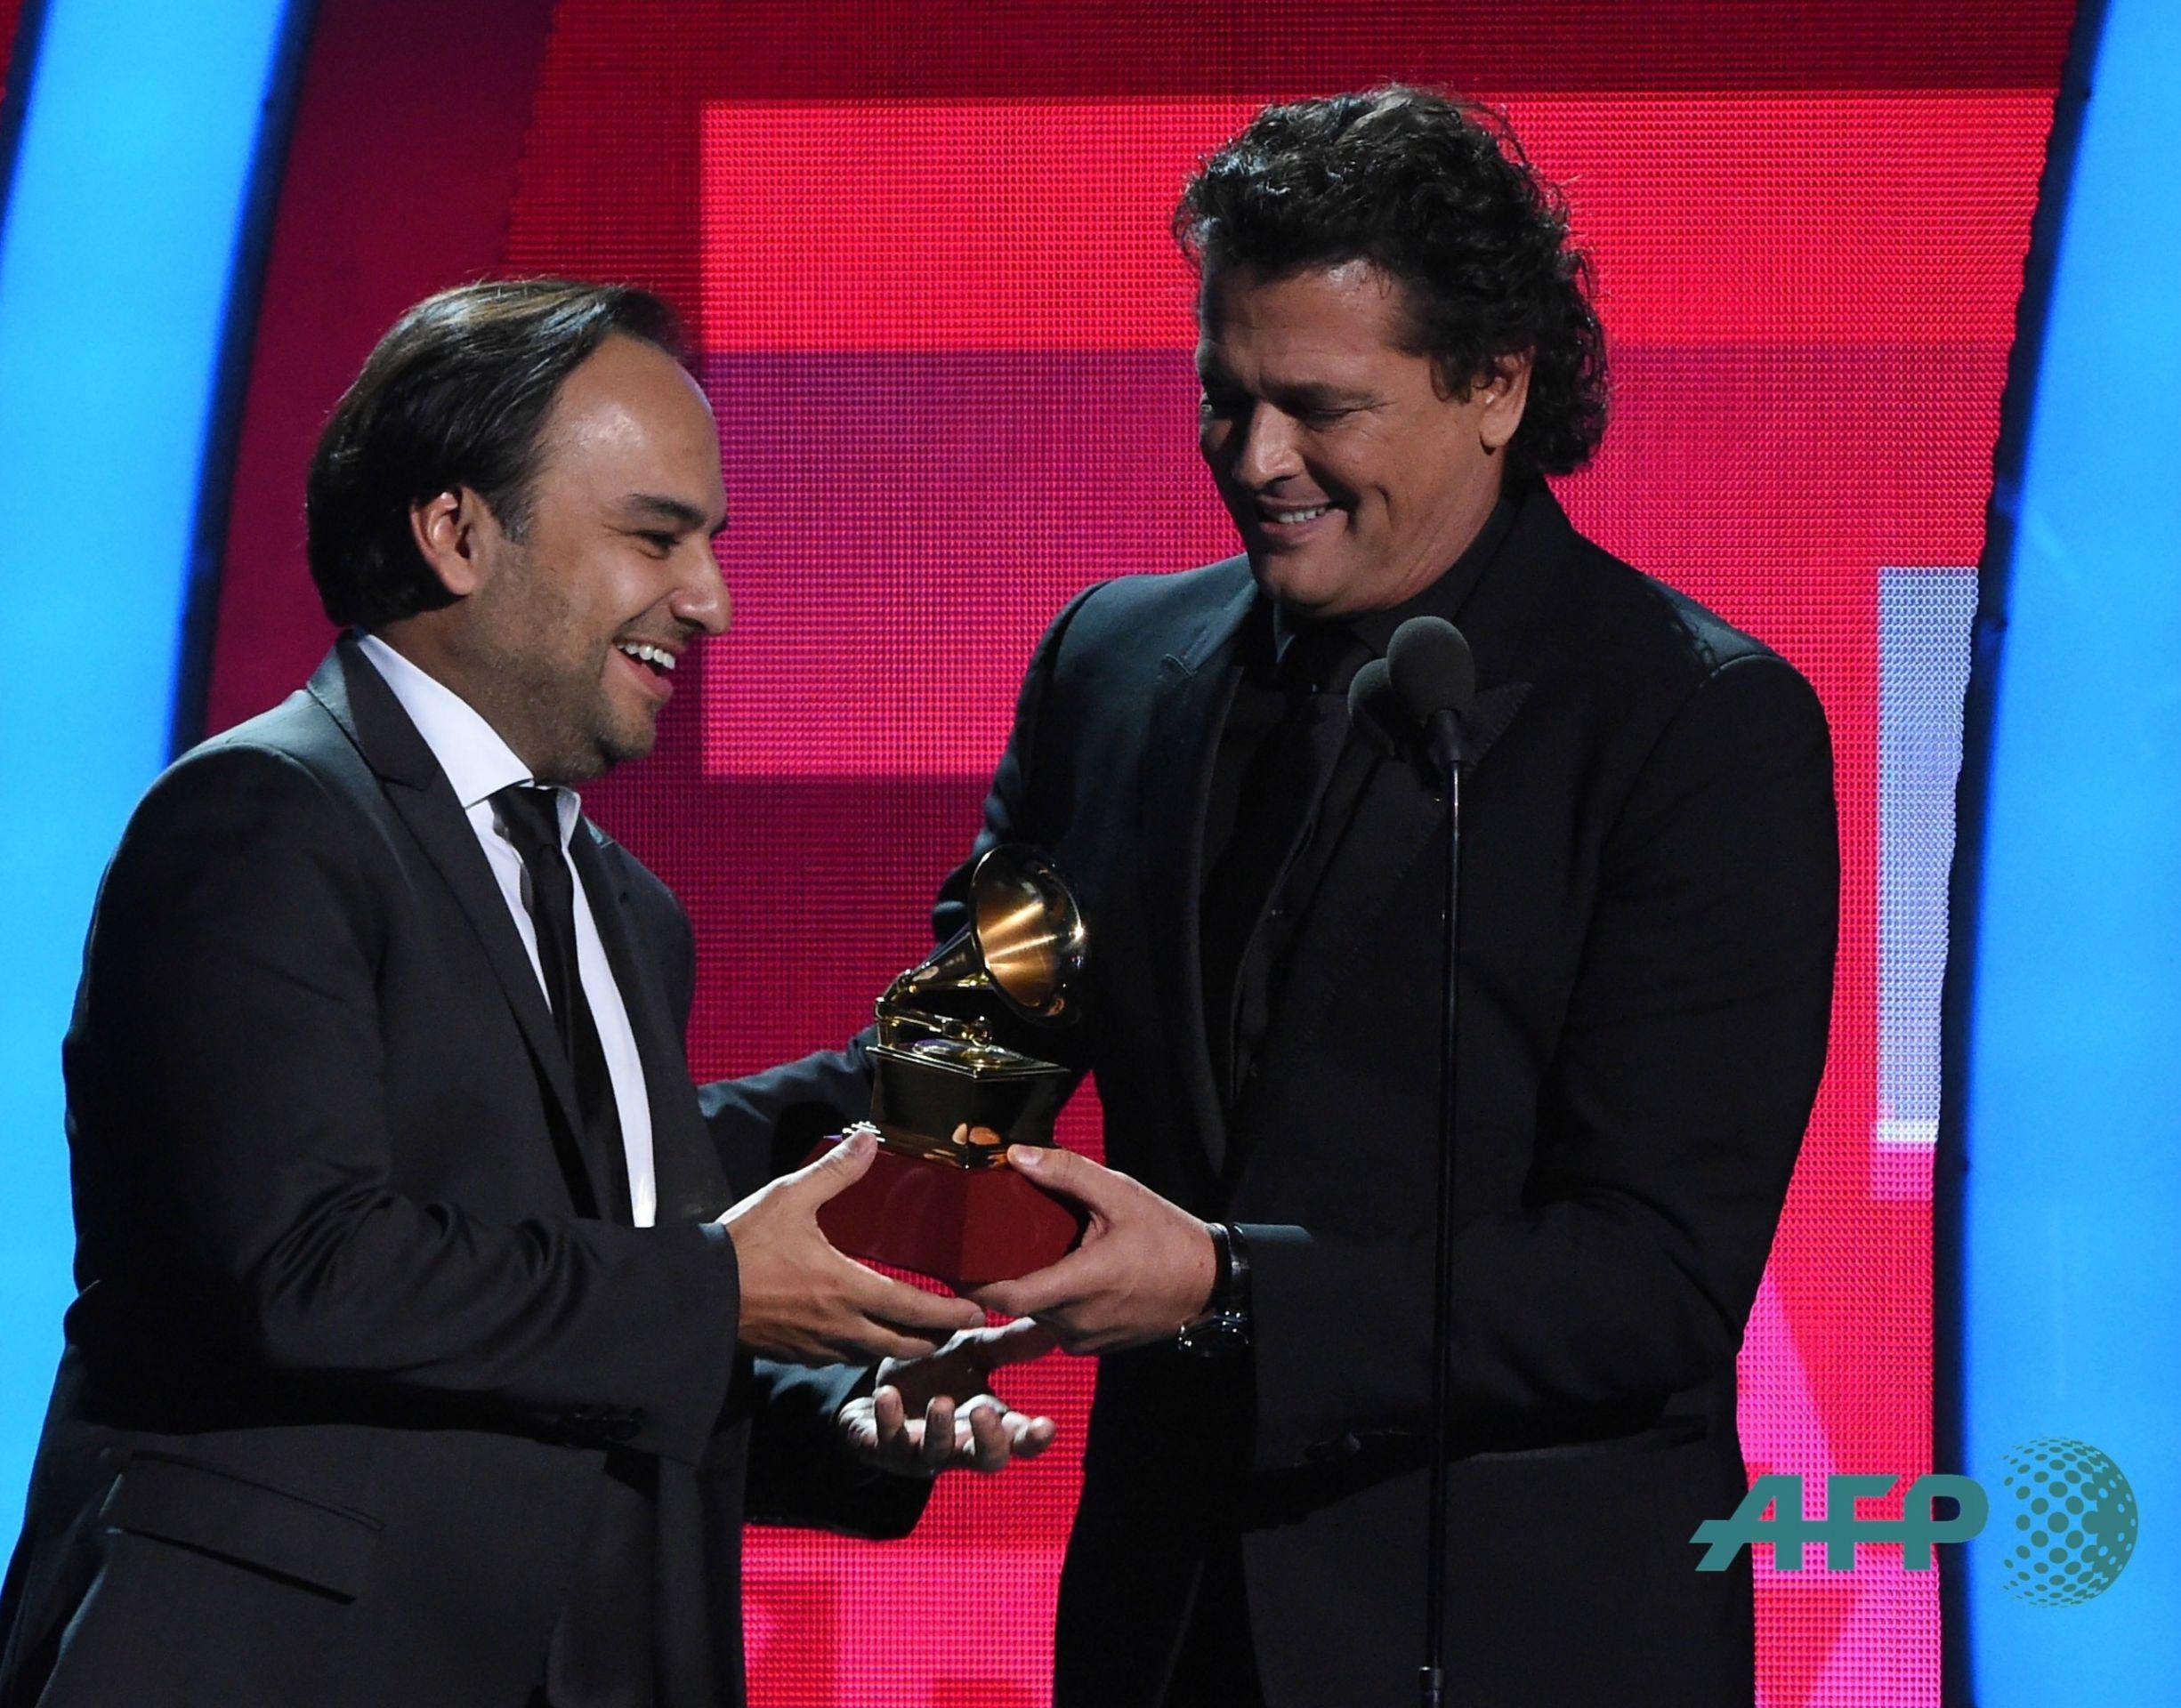 Top 5: Canciones más exitosas en los últimos años de los Latin Grammy